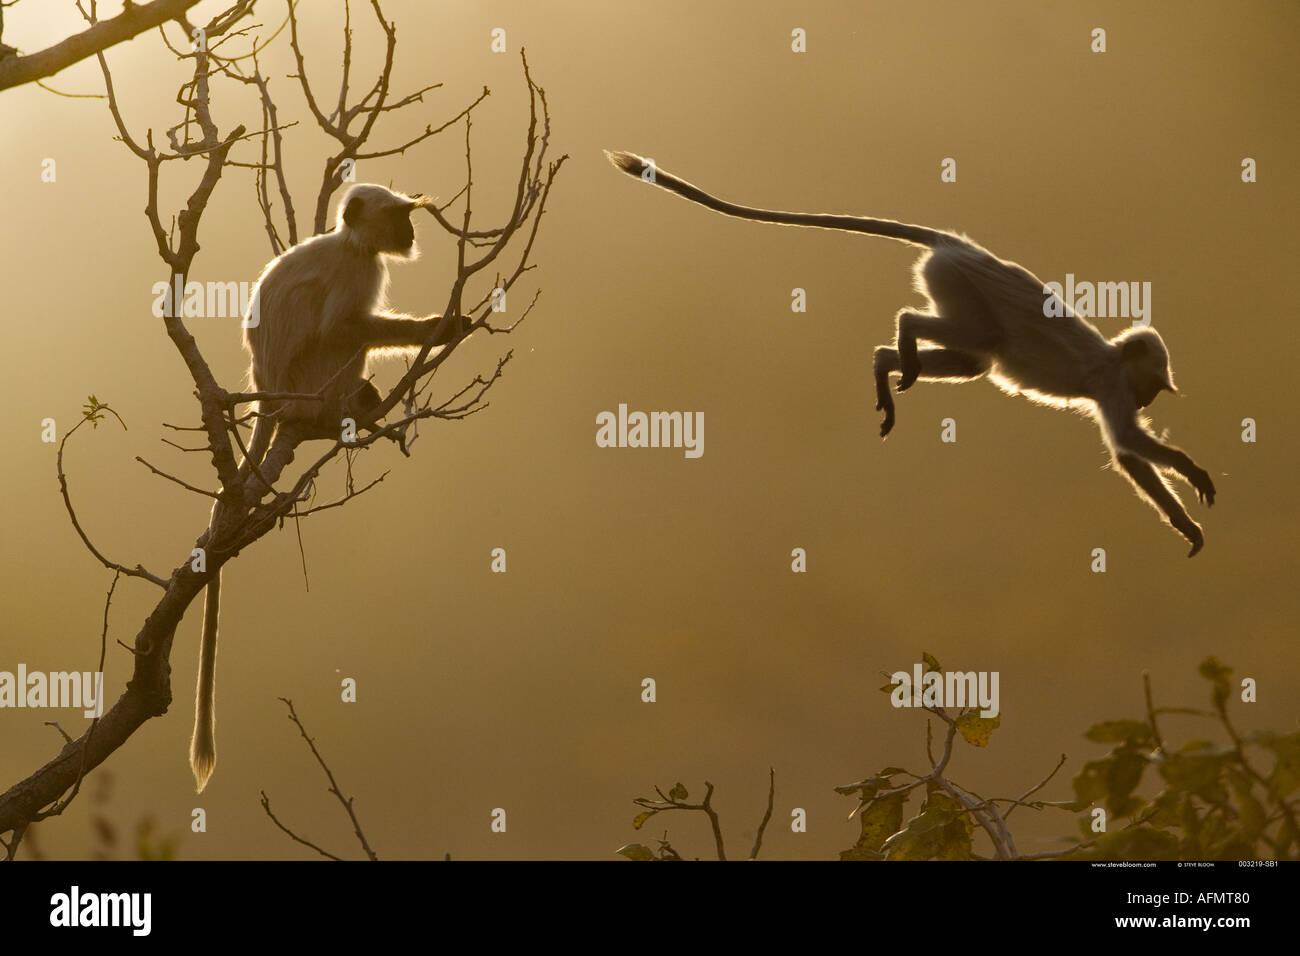 Hanuman Langur saltando a través de las copas de los árboles en Bandhavgarh India Imagen De Stock